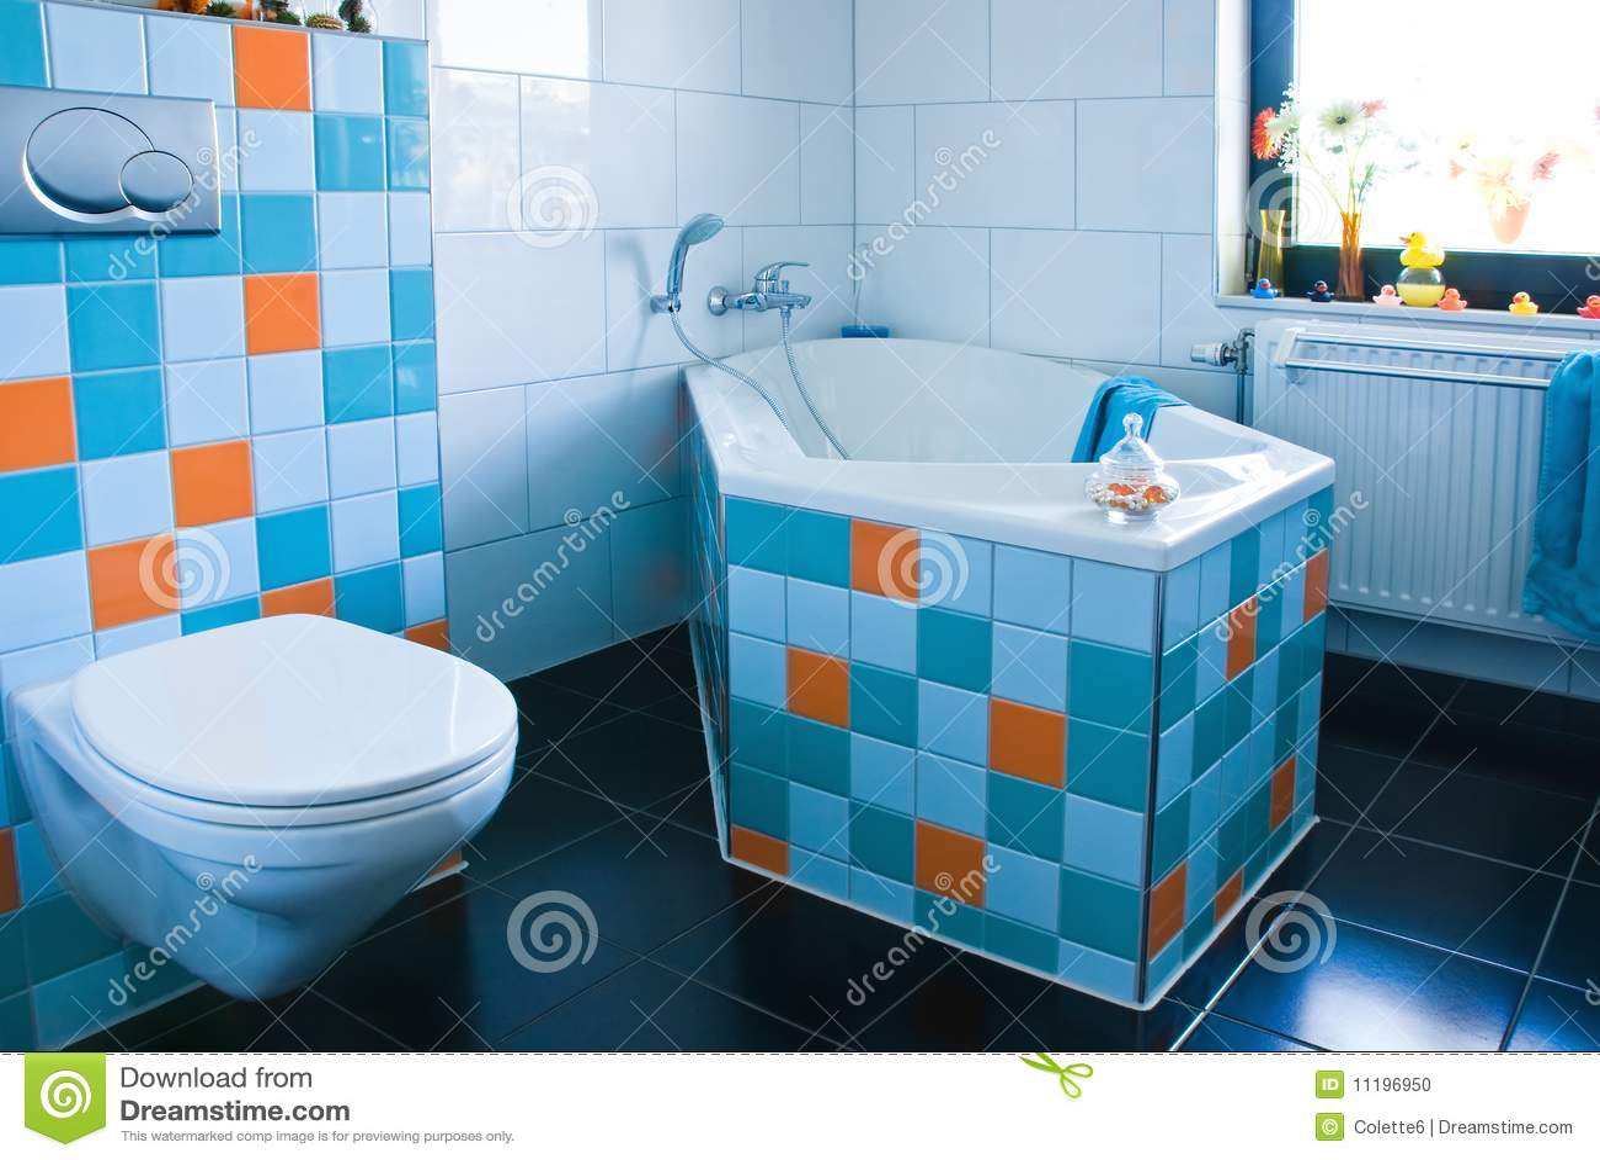 Cuarto de ba o blanco y azul colorido con el suelo negro for Cuartos de bano bonitos